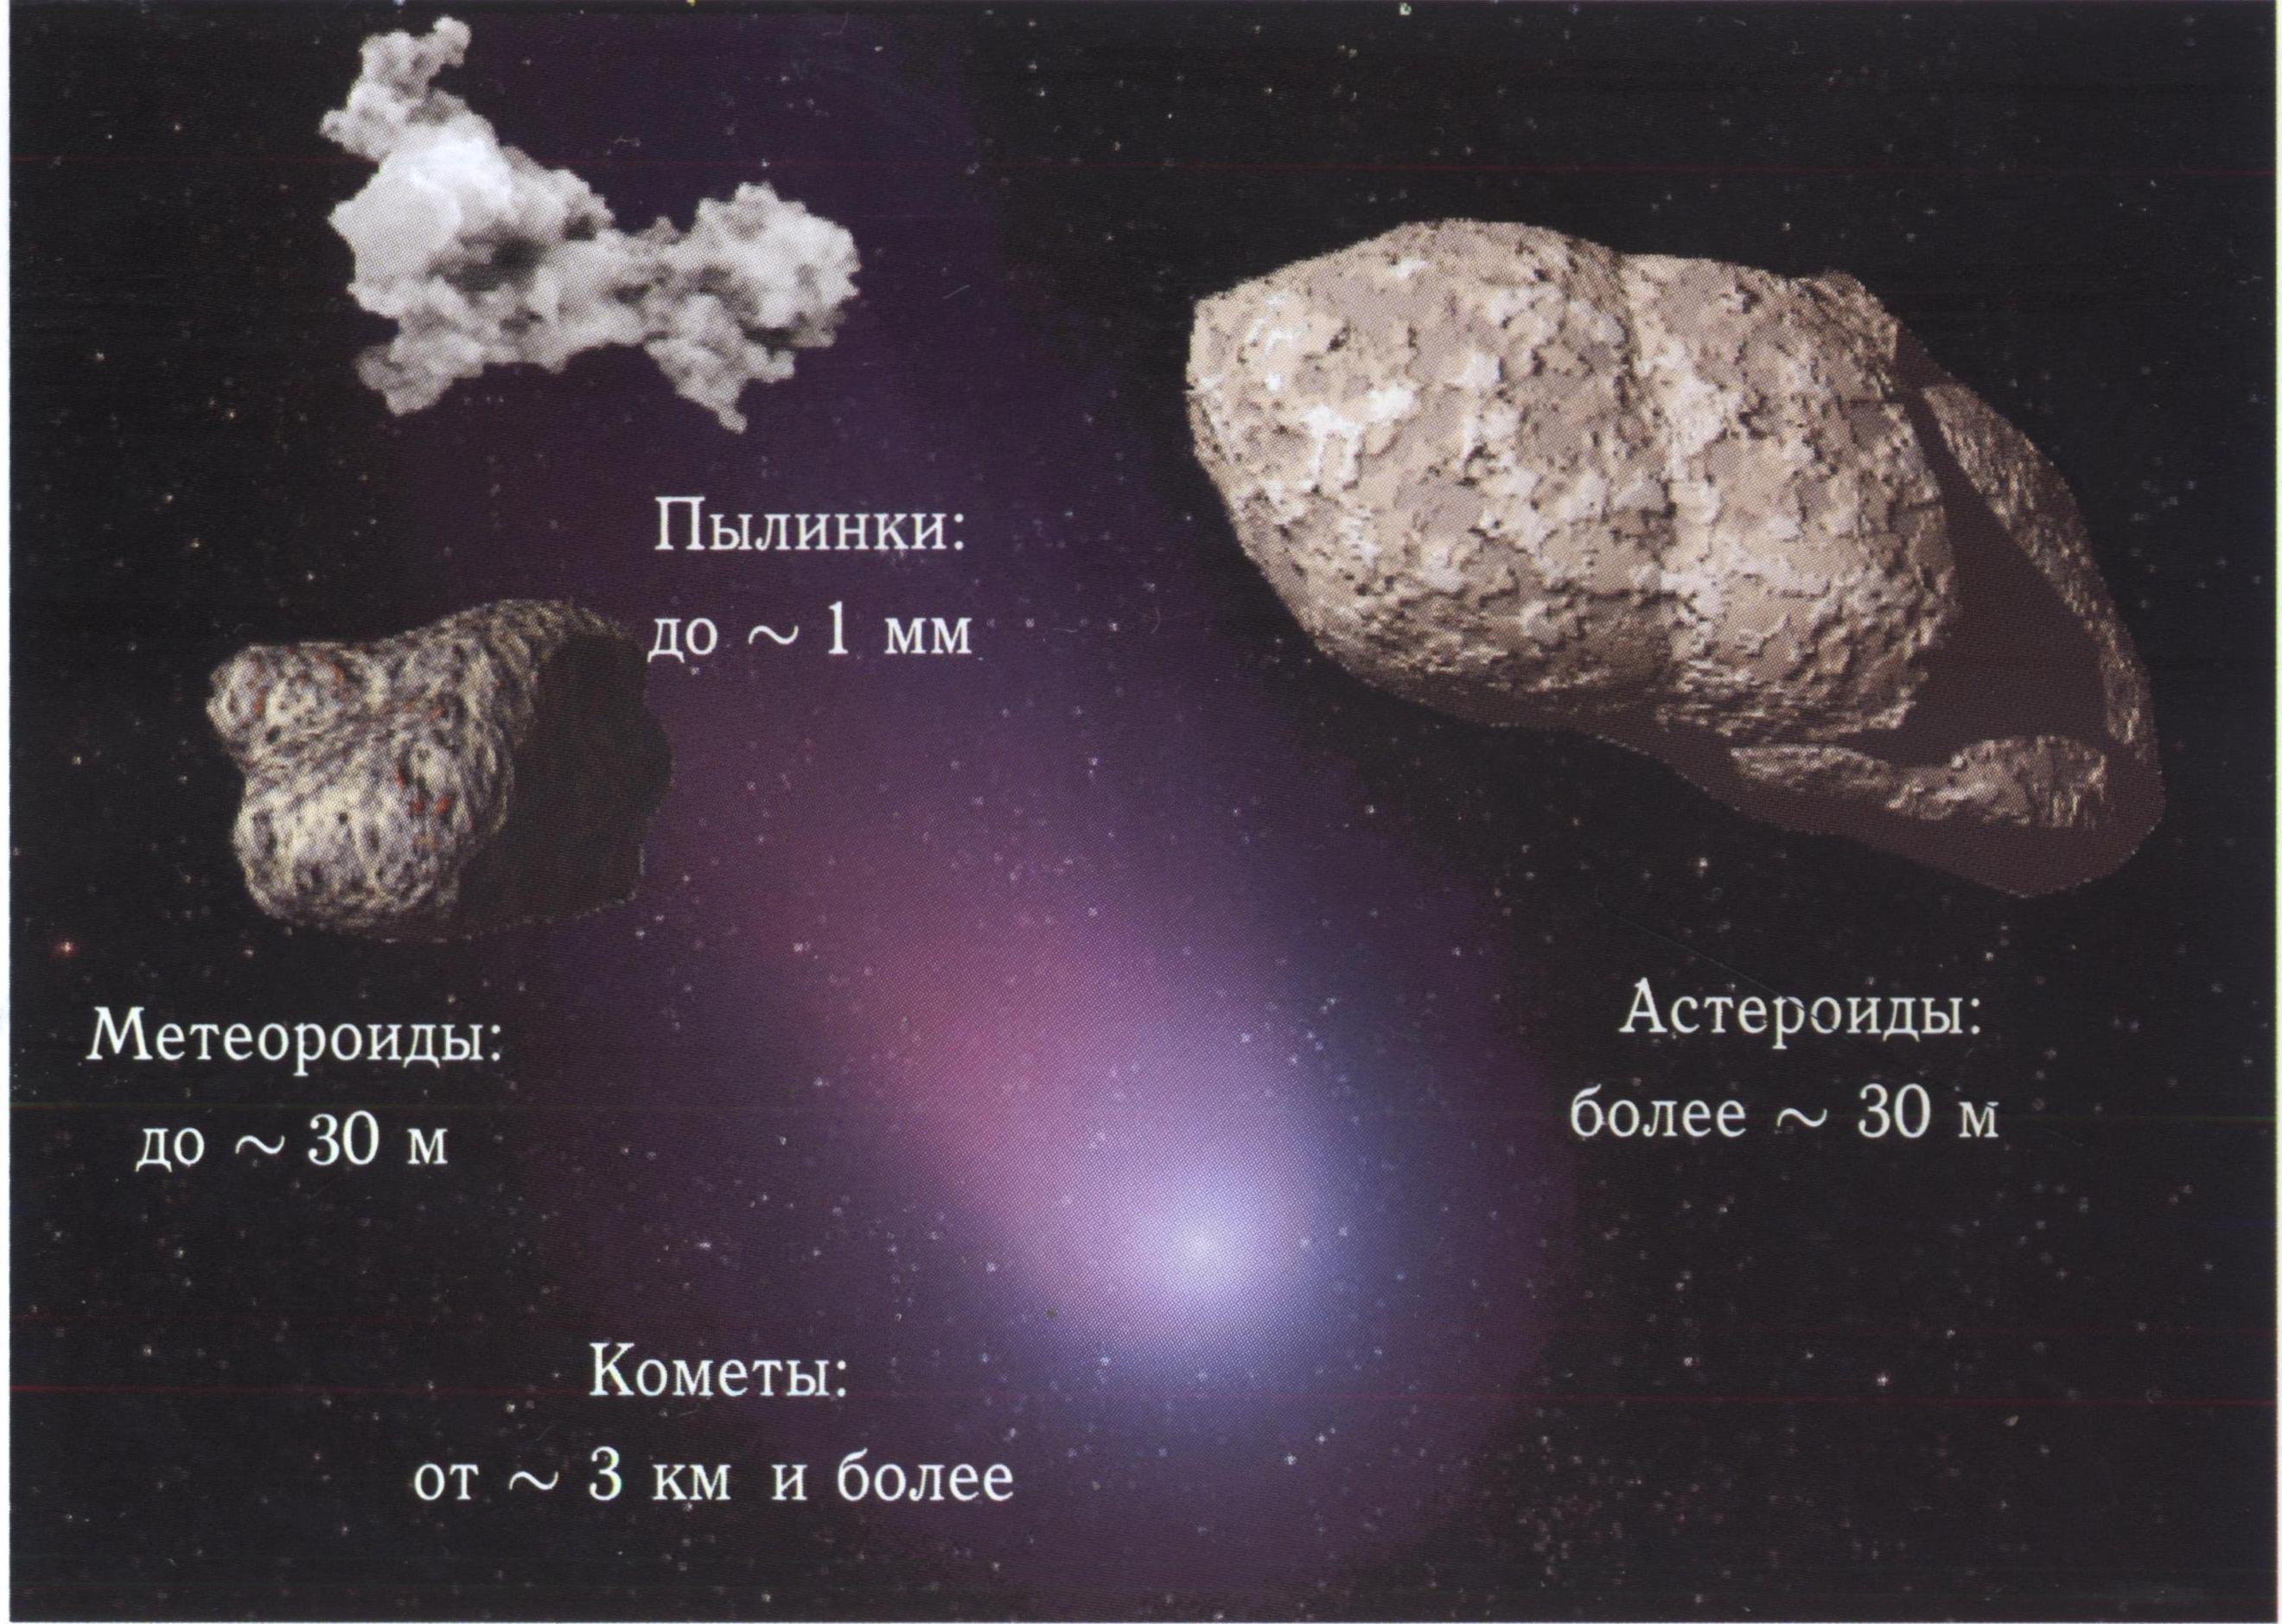 Астероиды существовали уже на раннем этапе формирования солнечной системы CVAVR AVR CodeVision cvavr.ru